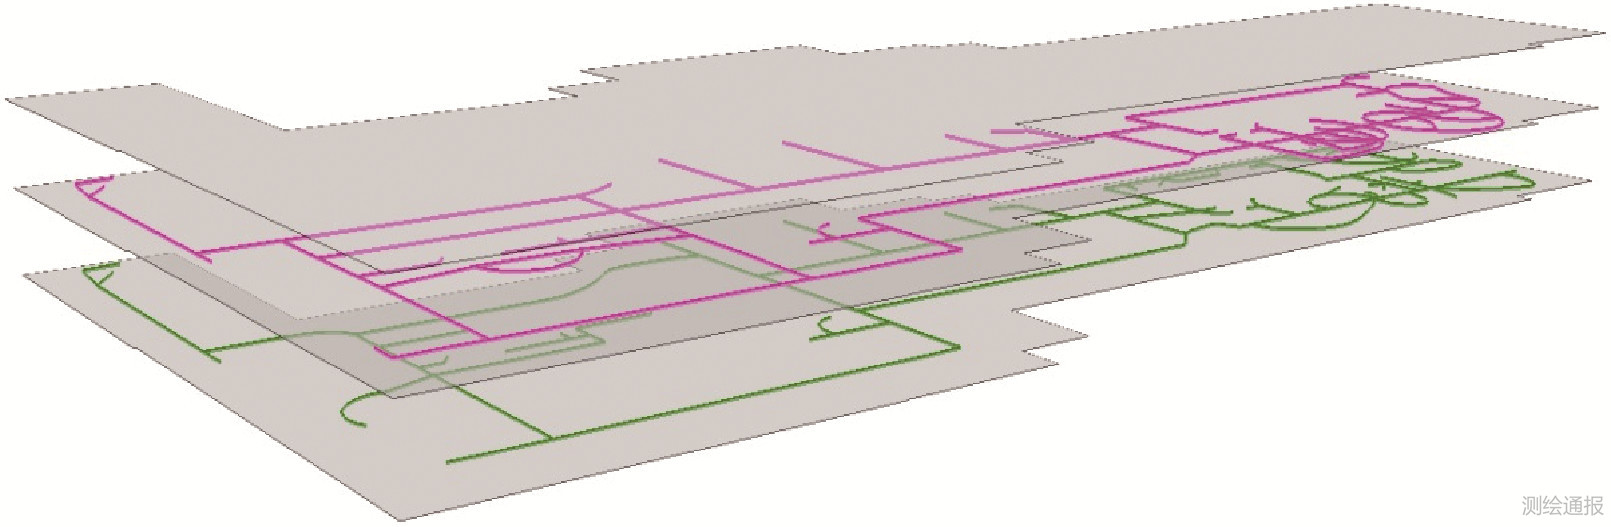 二维设计基础点_室内定位导航地图一体化设计